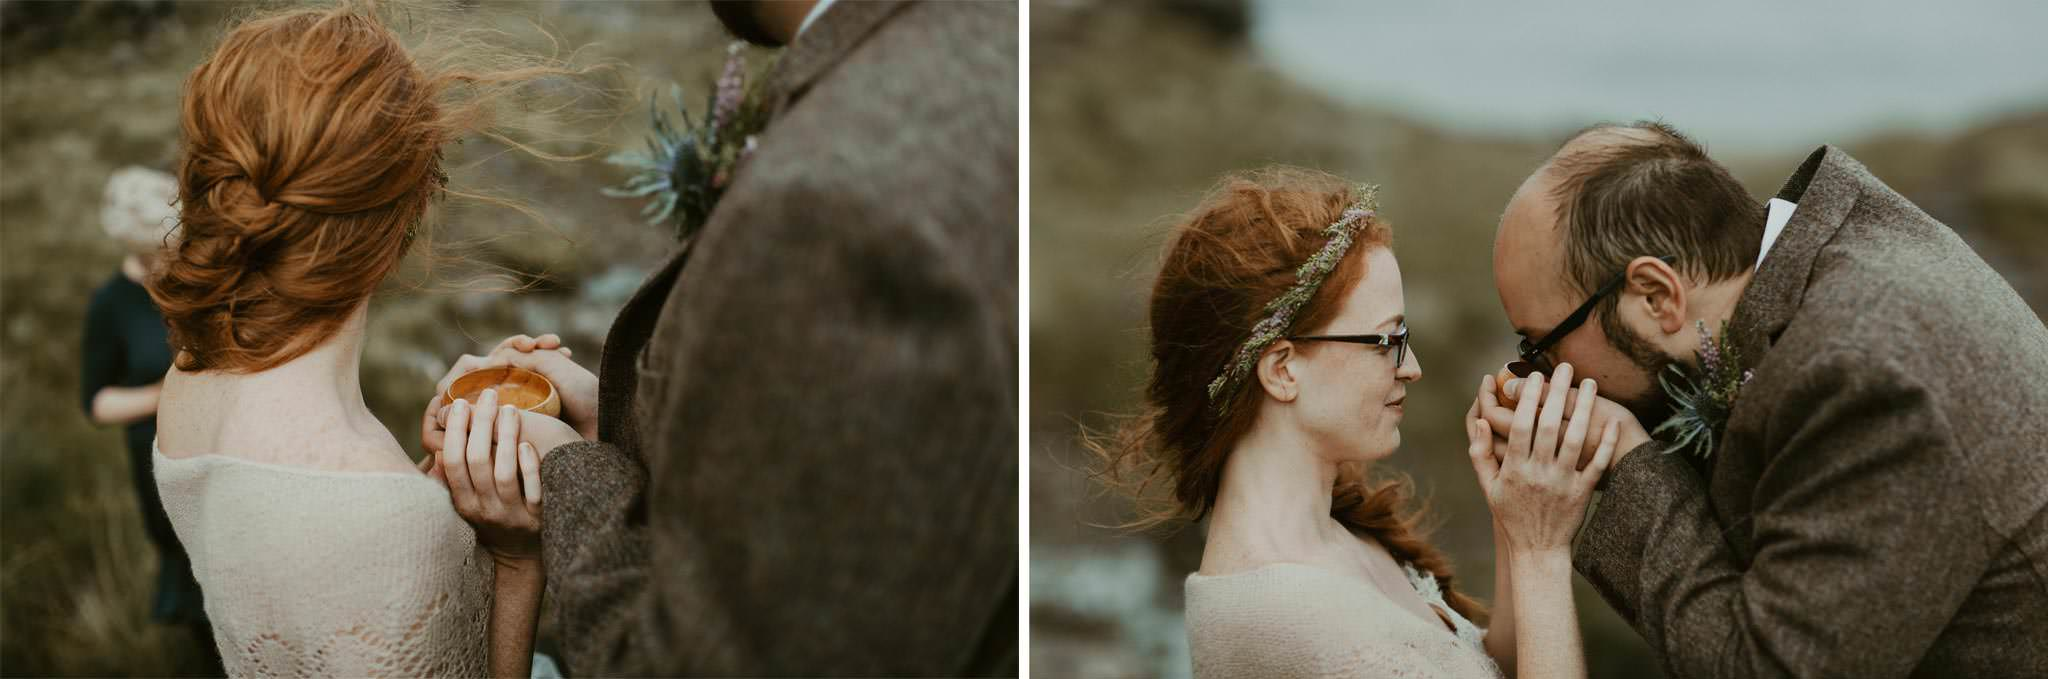 isle-of-skye-elopement-wedding-055